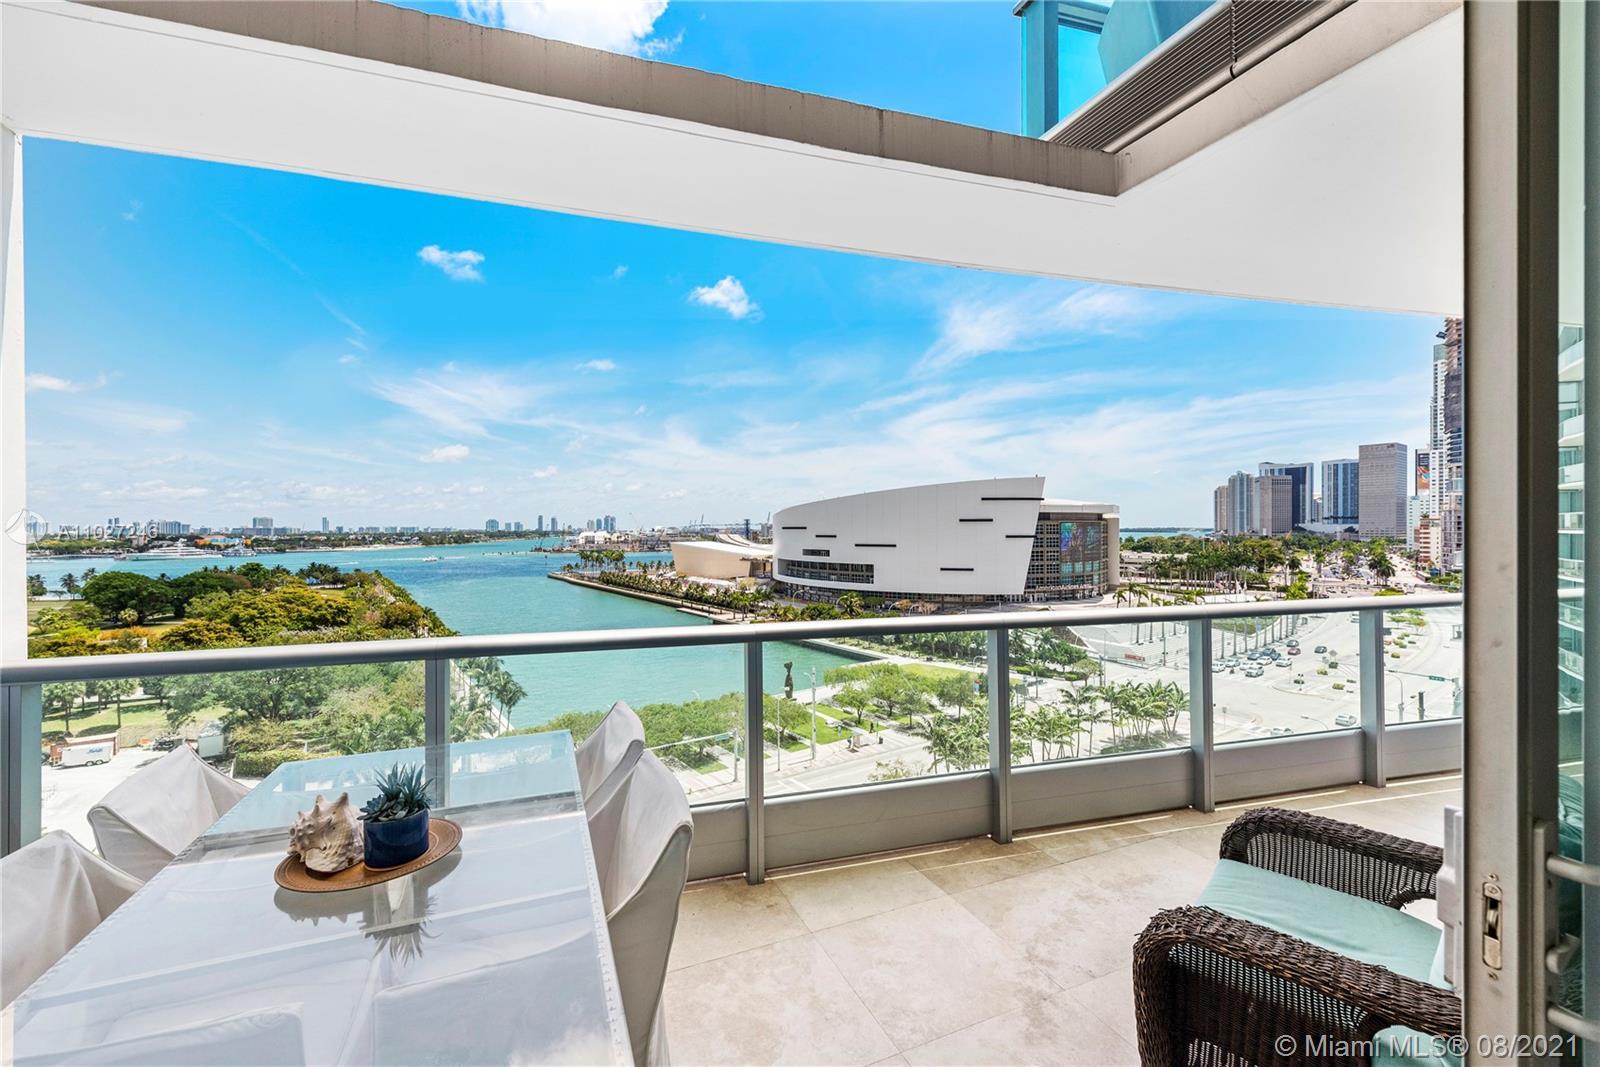 900 Biscayne Bay #1103 - 900 Biscayne Blvd #1103, Miami, FL 33132